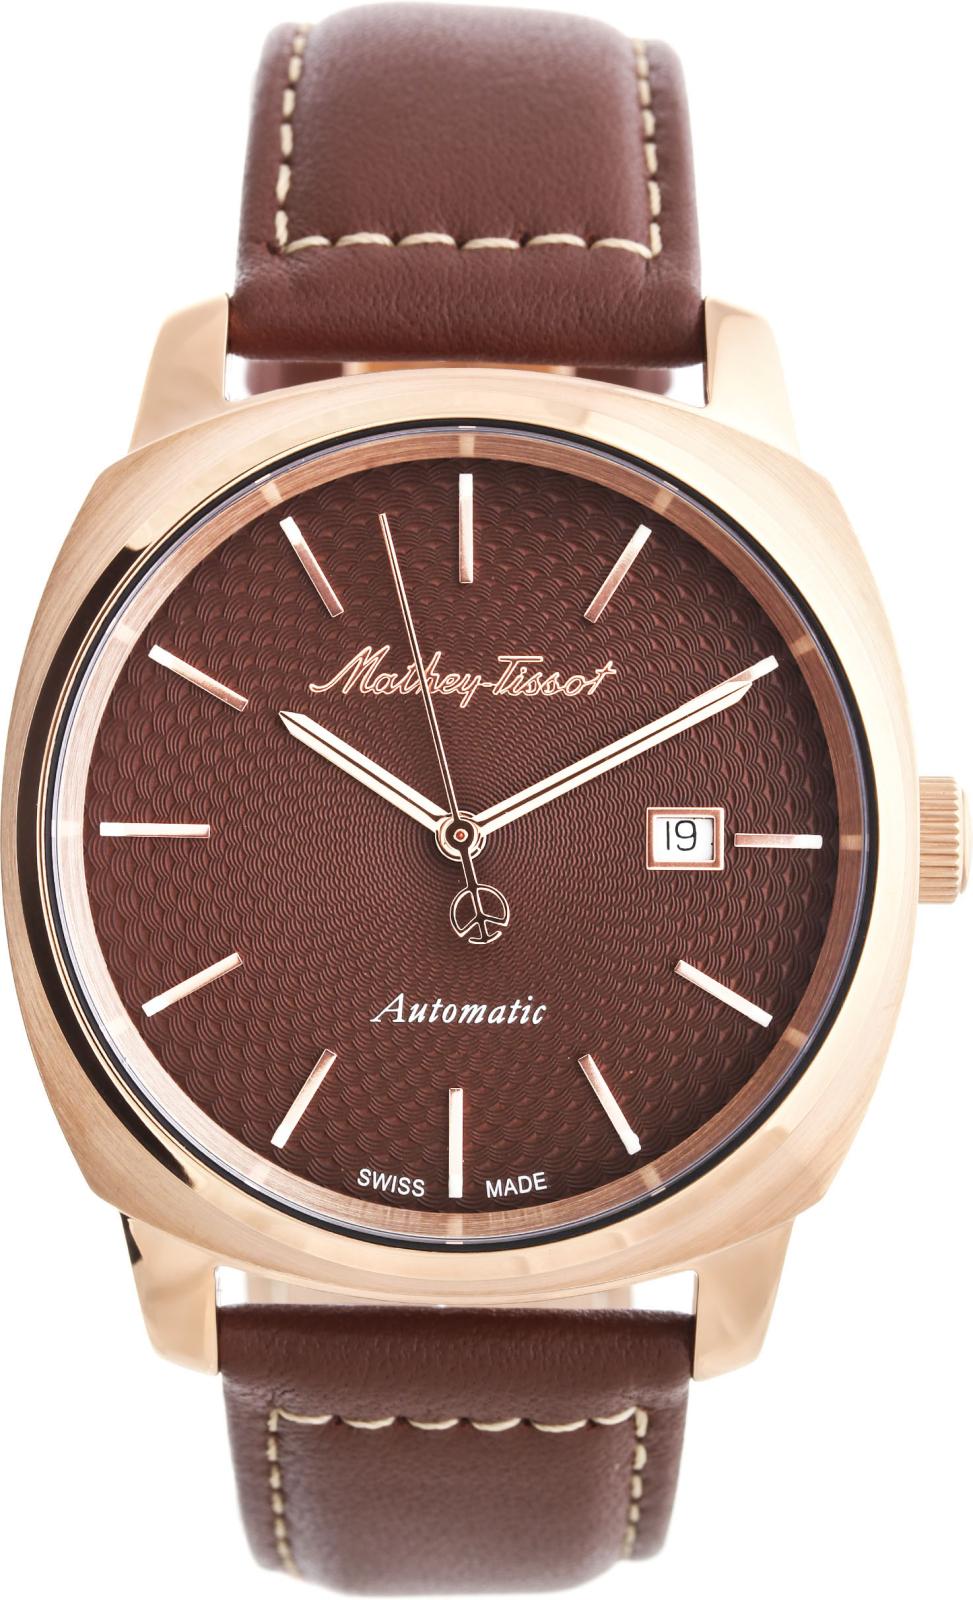 Mathey-Tissot Smart H6940ATPMНаручные часы<br>Швейцарские часы Mathey-Tissot Smart H6940ATPM<br><br>Пол: Мужские<br>Страна-производитель: Швейцария<br>Механизм: Кварцевый<br>Материал корпуса: Сталь<br>Материал ремня/браслета: Кожа<br>Водозащита, диапазон: None<br>Стекло: Сапфировое<br>Толщина корпуса: 11 мм<br>Стиль: None